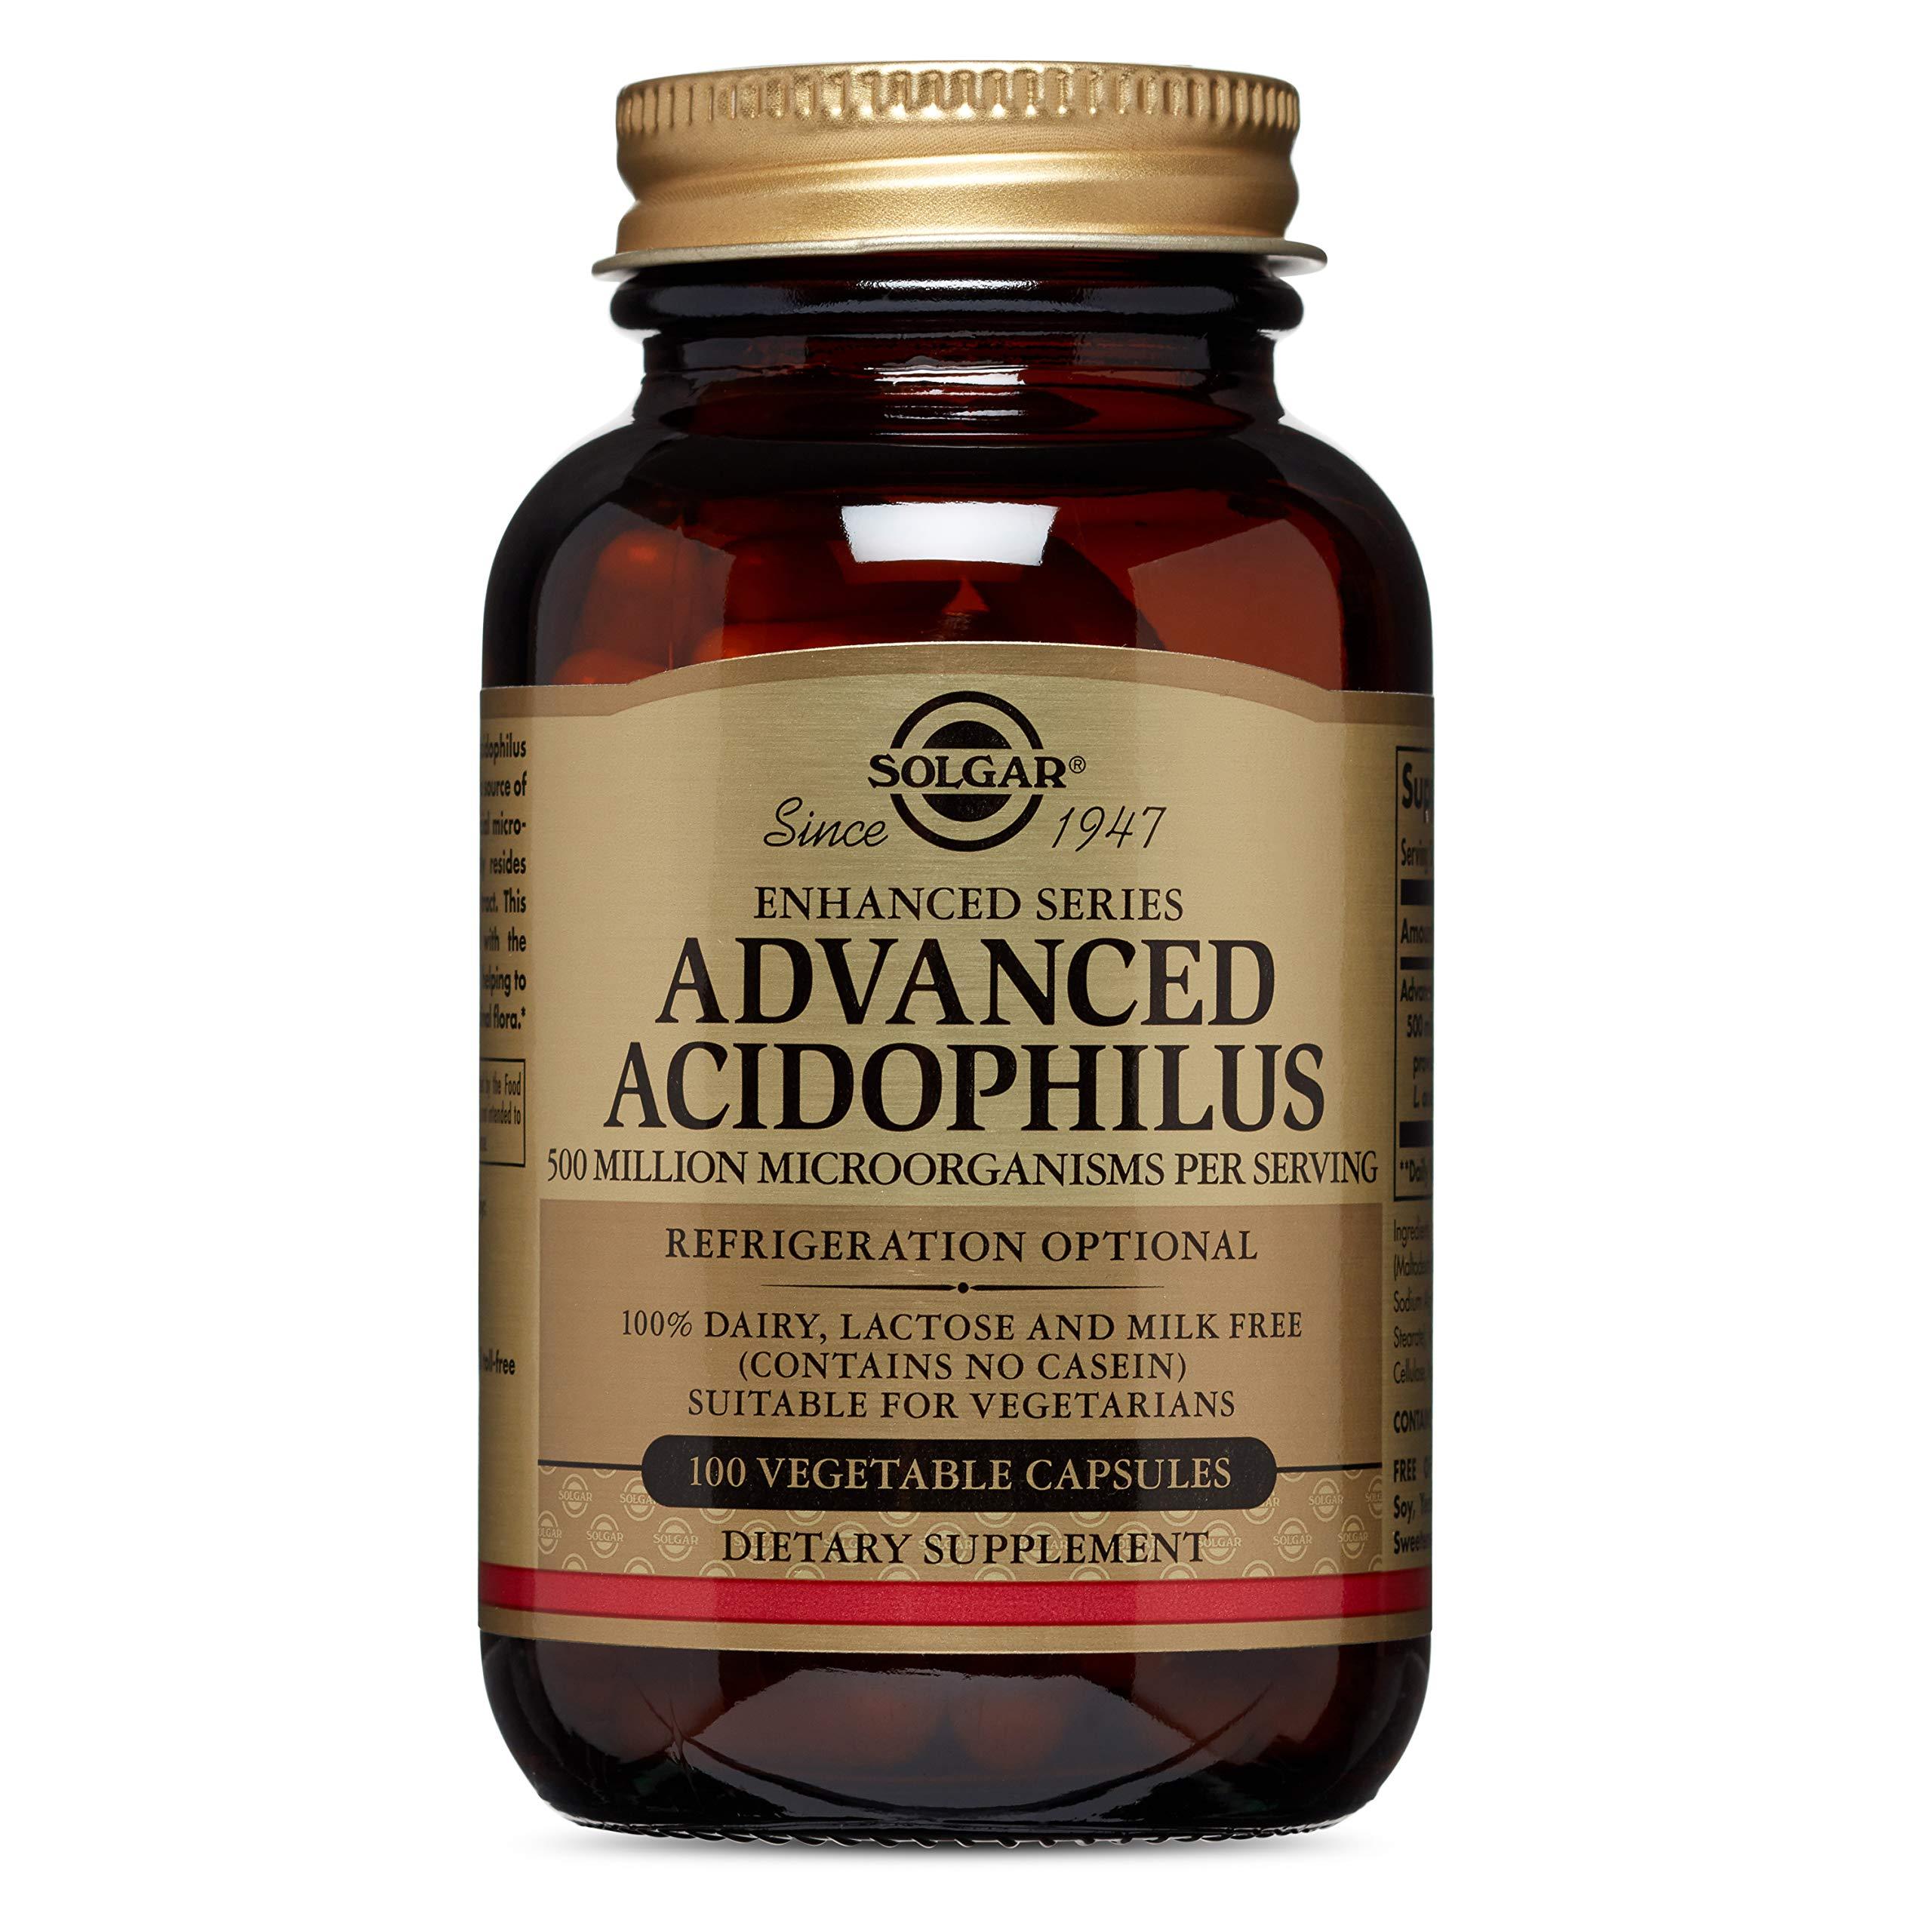 Advanced Acidophilus Solgar 100 Vegetable Caps by Solgar